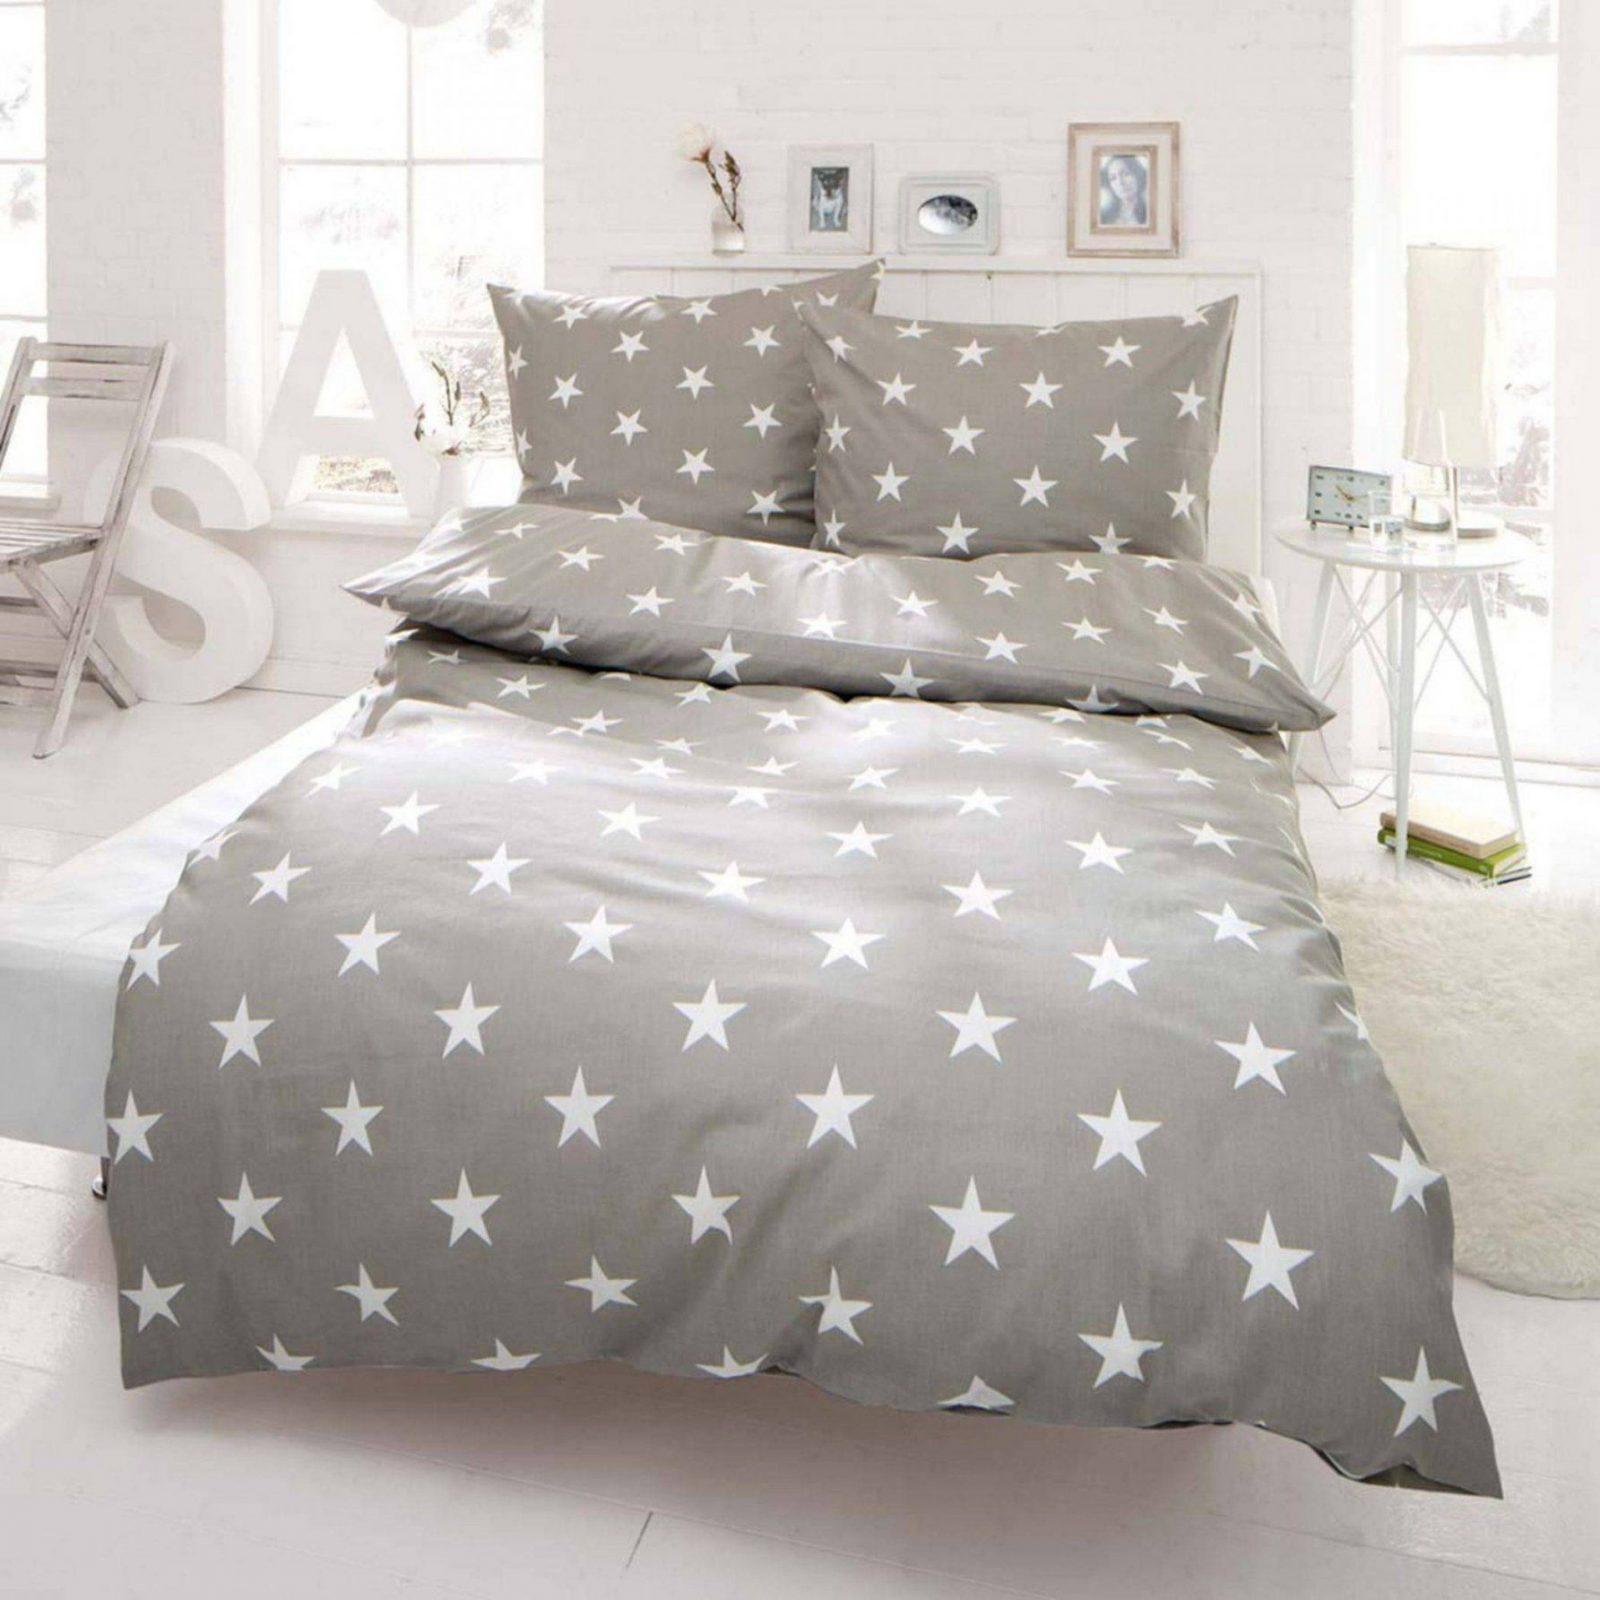 2 Tlg Bettwäsche Microfaser 155X220 Cm Sterne Grau Weiß Neu von Biber Bettwäsche Sterne Grau Bild